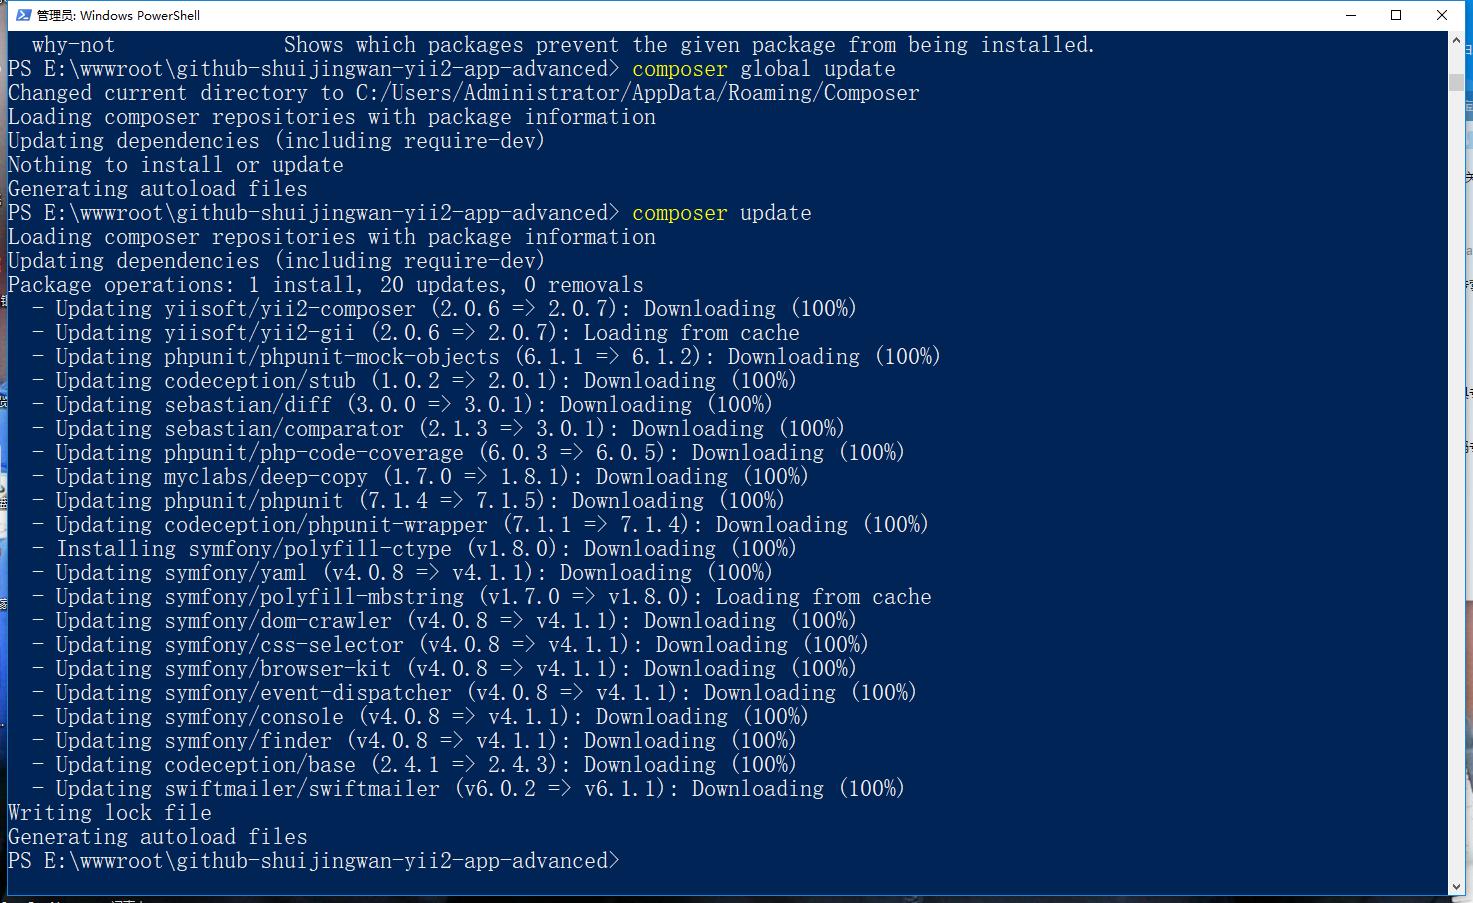 安装 Yii2 的 ActiveRecord 软删除扩展,用 self-update 命令更新 Composer 为最新版本,用 update 命令获取依赖的最新版本,并且升级 composer.lock 文件,执行命令